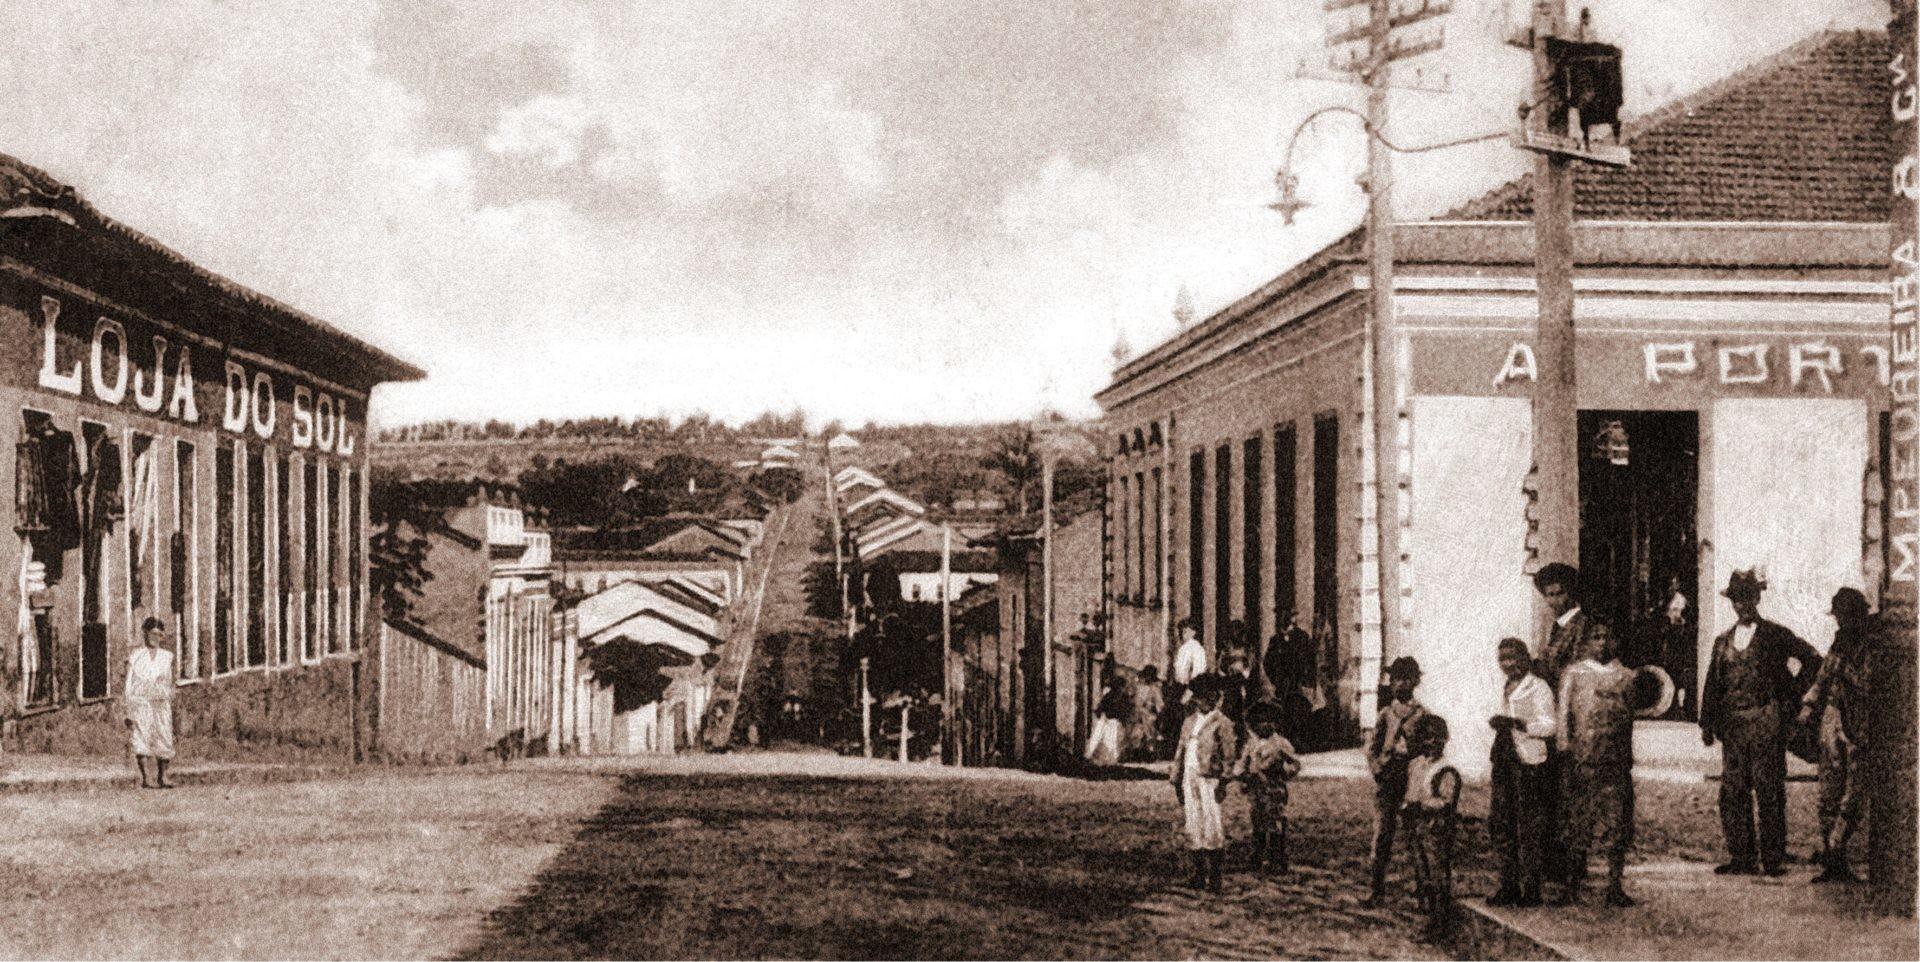 """Projeto """"Memória Viva – Patrimônio Caipiracicabano"""" faz mapeamento cultural"""